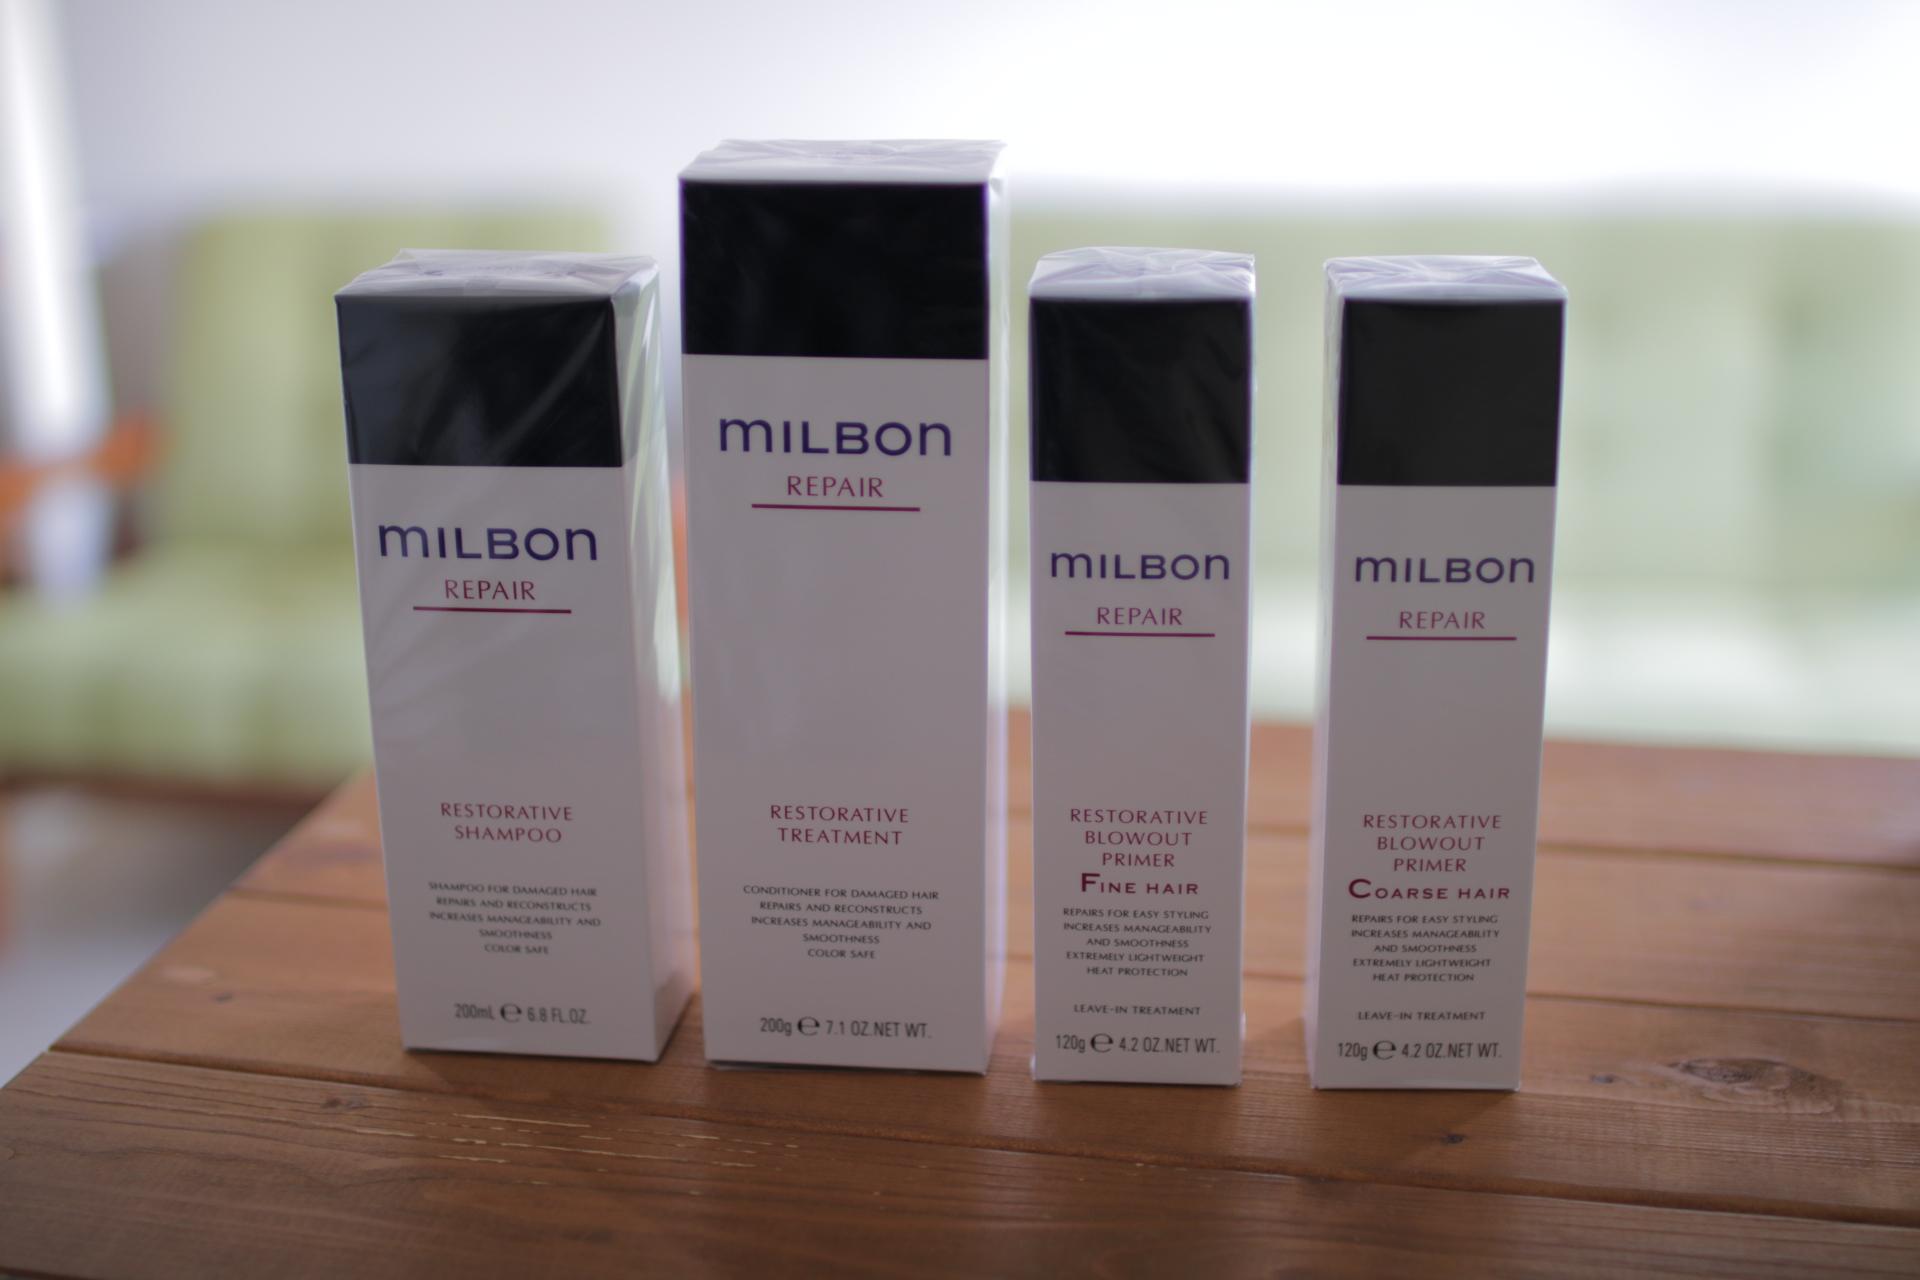 ヘアケアミルボン[mILBON]REPAIR